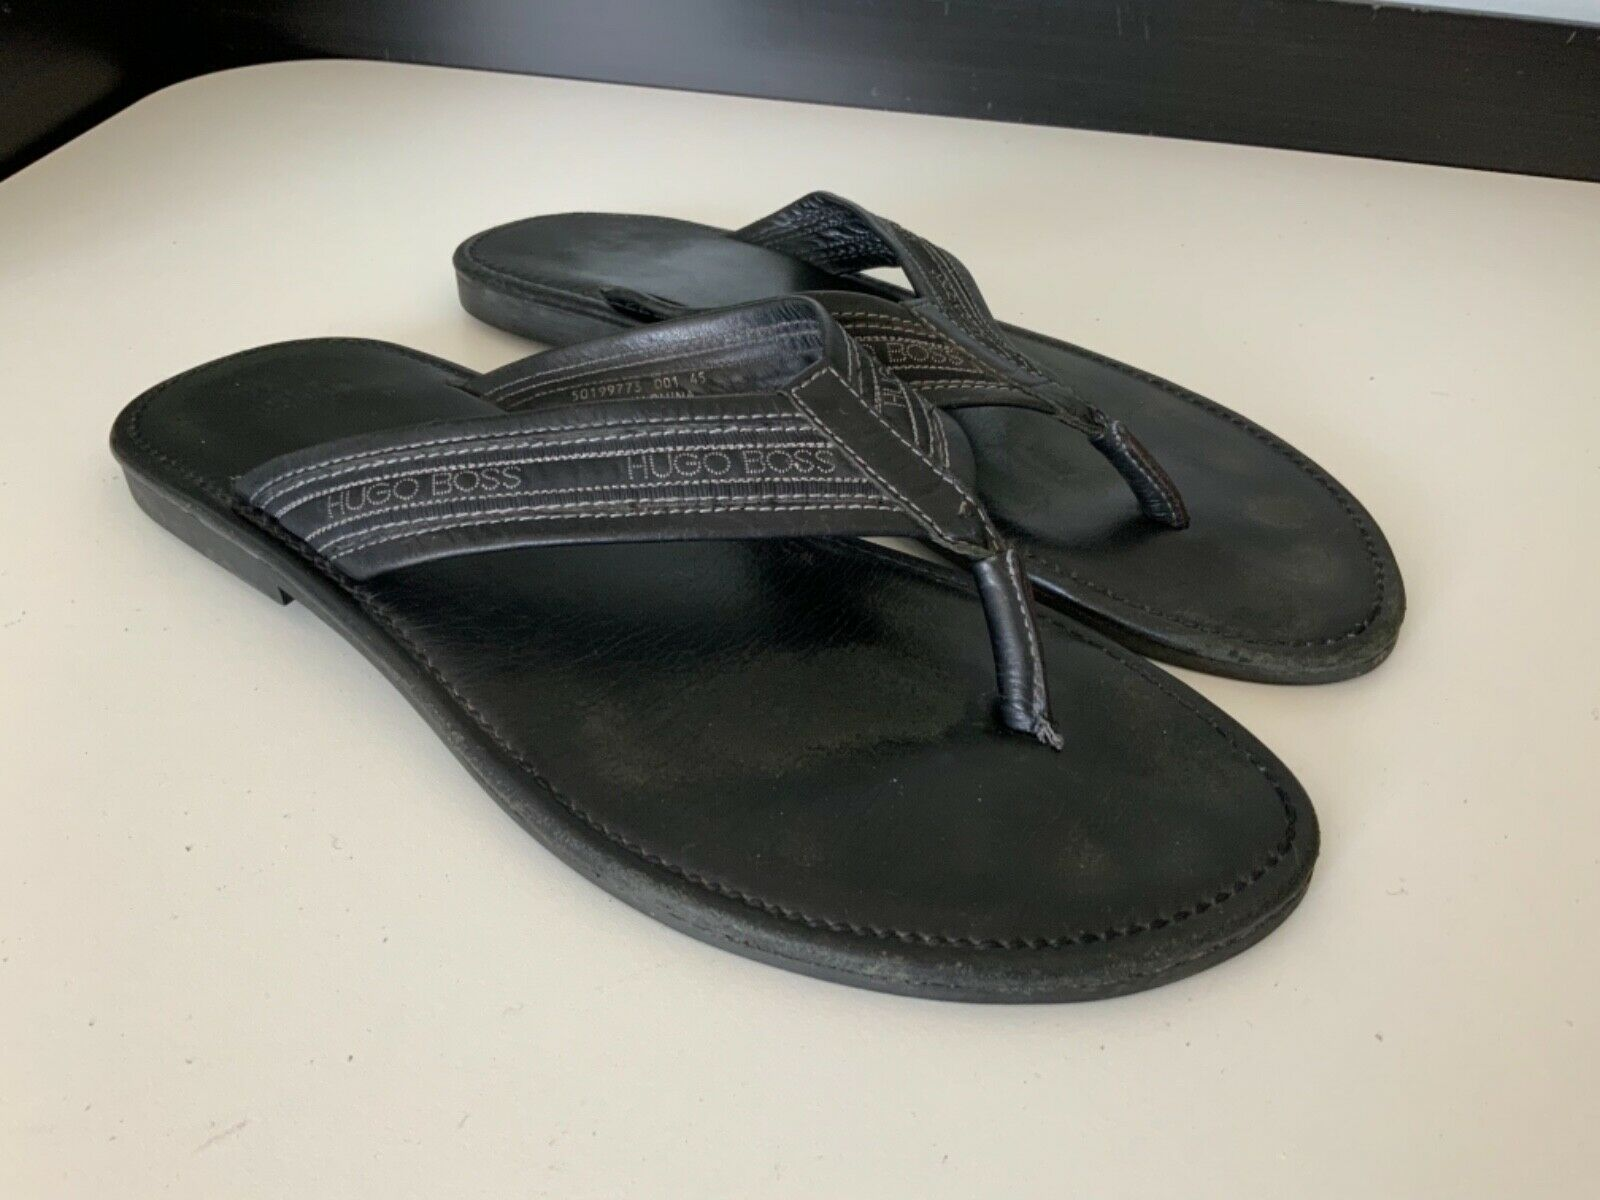 Hugo Boss Mens Sandals, Flip Flops, Size Uk 11 Eu45, Black Leather, Vgc